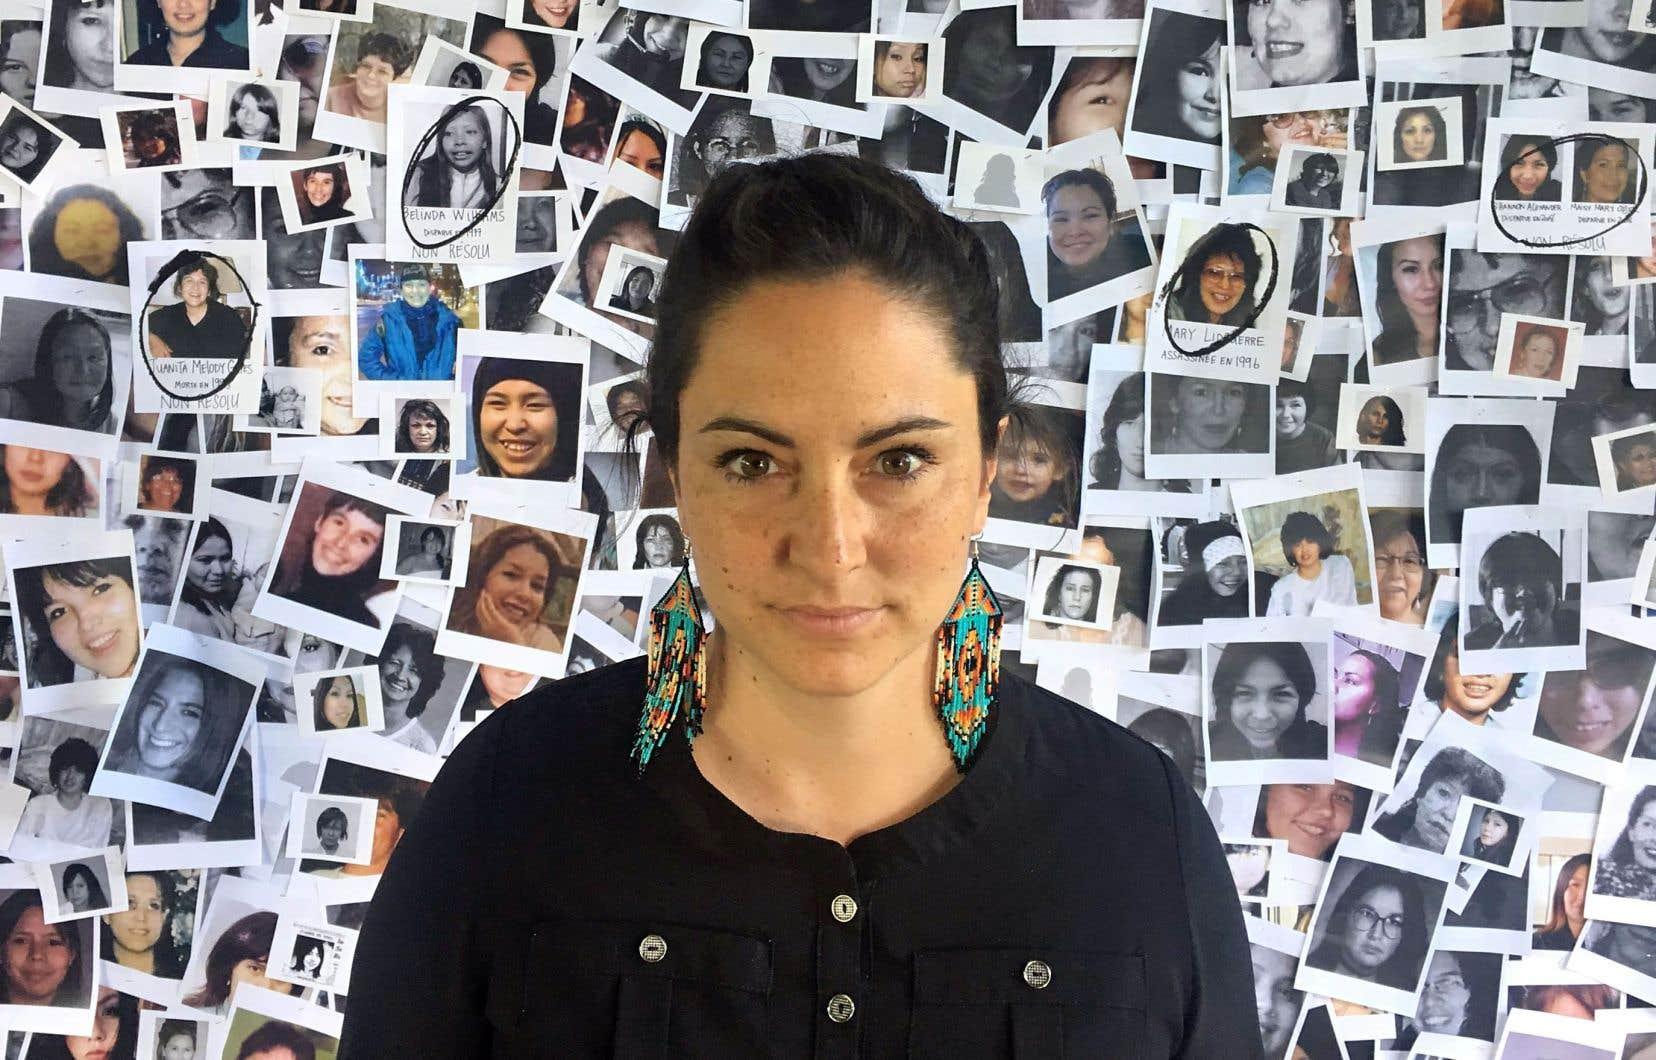 Au Canada, on estime que les femmes autochtones ont huit fois plus de risques d'être assassinées que n'importe quel autre citoyen. La cinéaste Kim O'Bomsawin a multiplié les rencontres pour que soit brisé le silence.